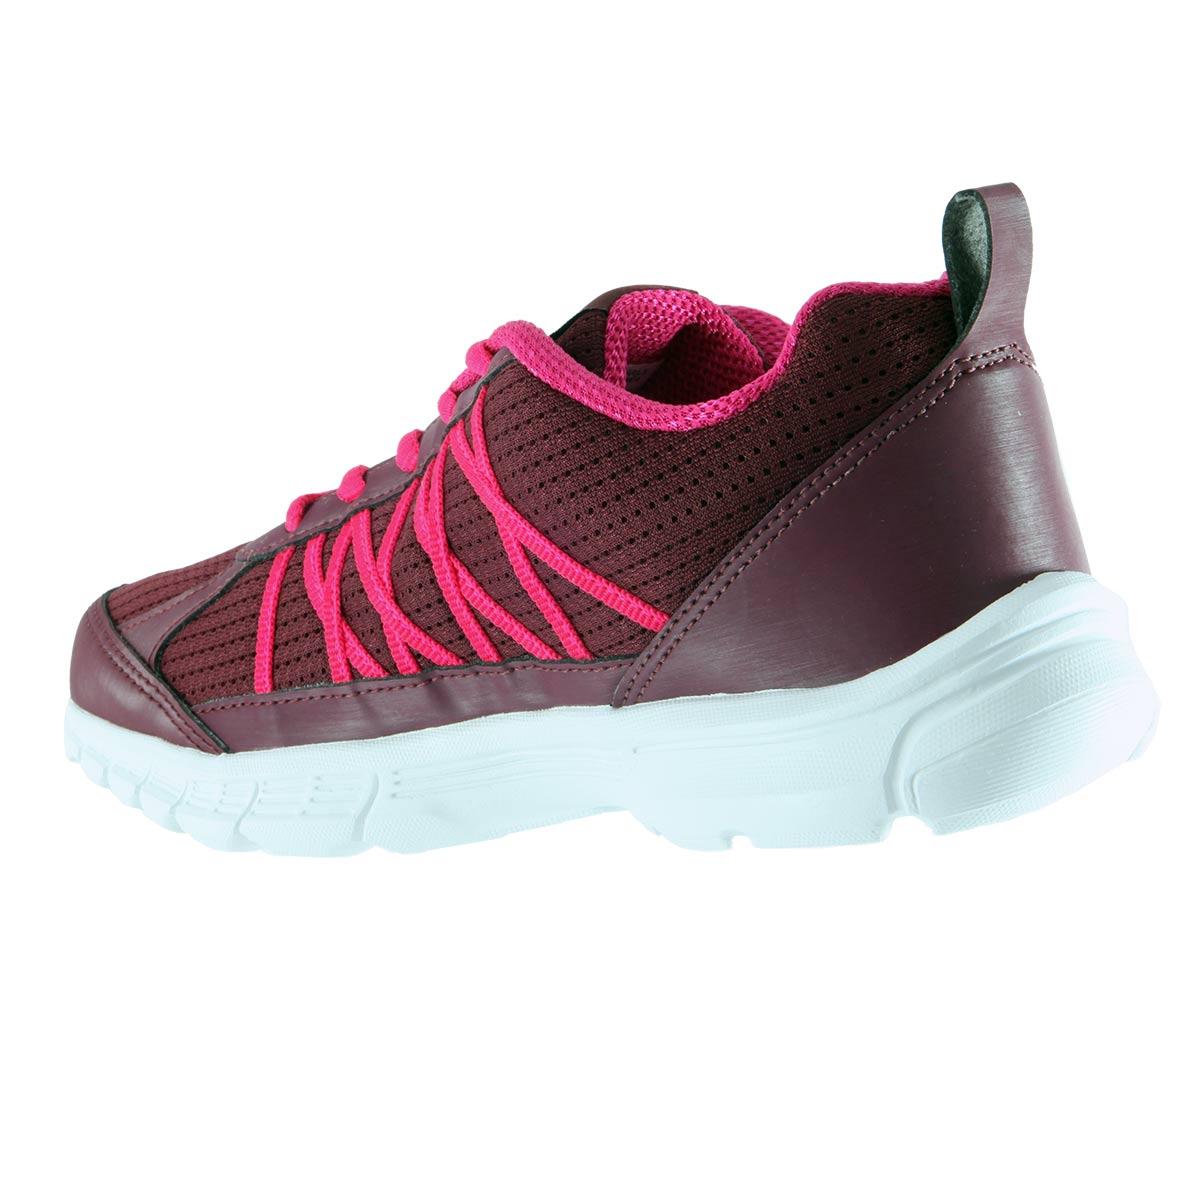 Tênis Reebok Speedlux 2.0 Feminino Corrida Caminhada BD5449  - Ian Calçados